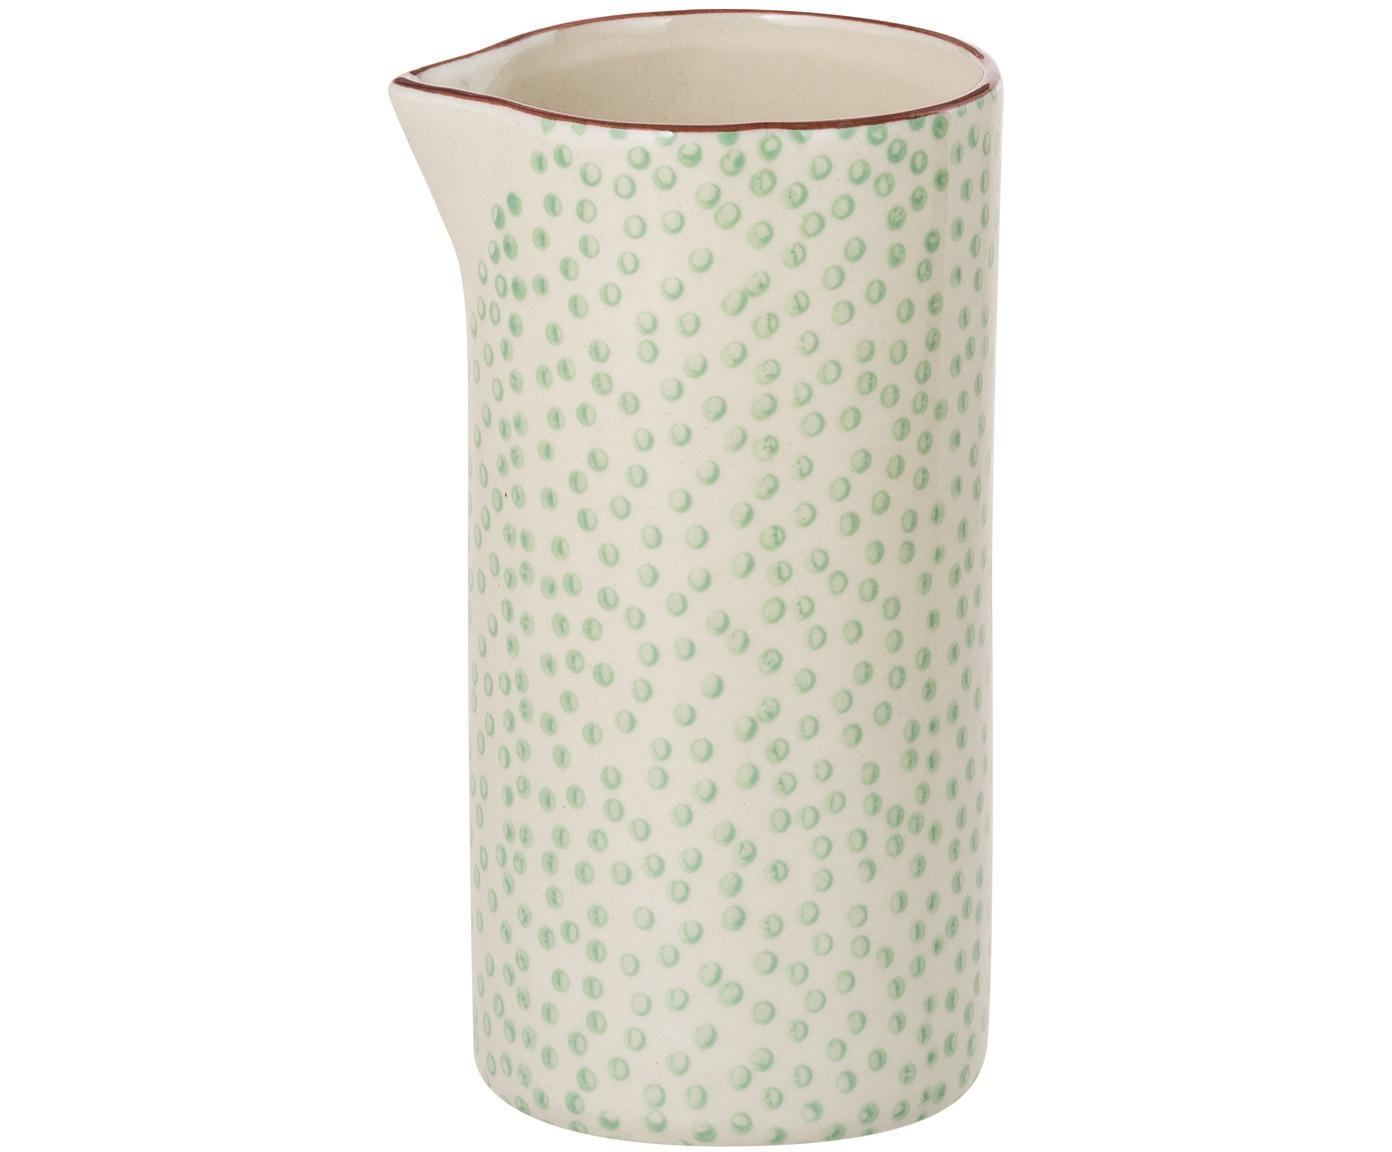 Milchkännchen Patrizia mit kleinem Muster, Steingut, Grün, Creme, Violett, Ø 6 x H 12 cm